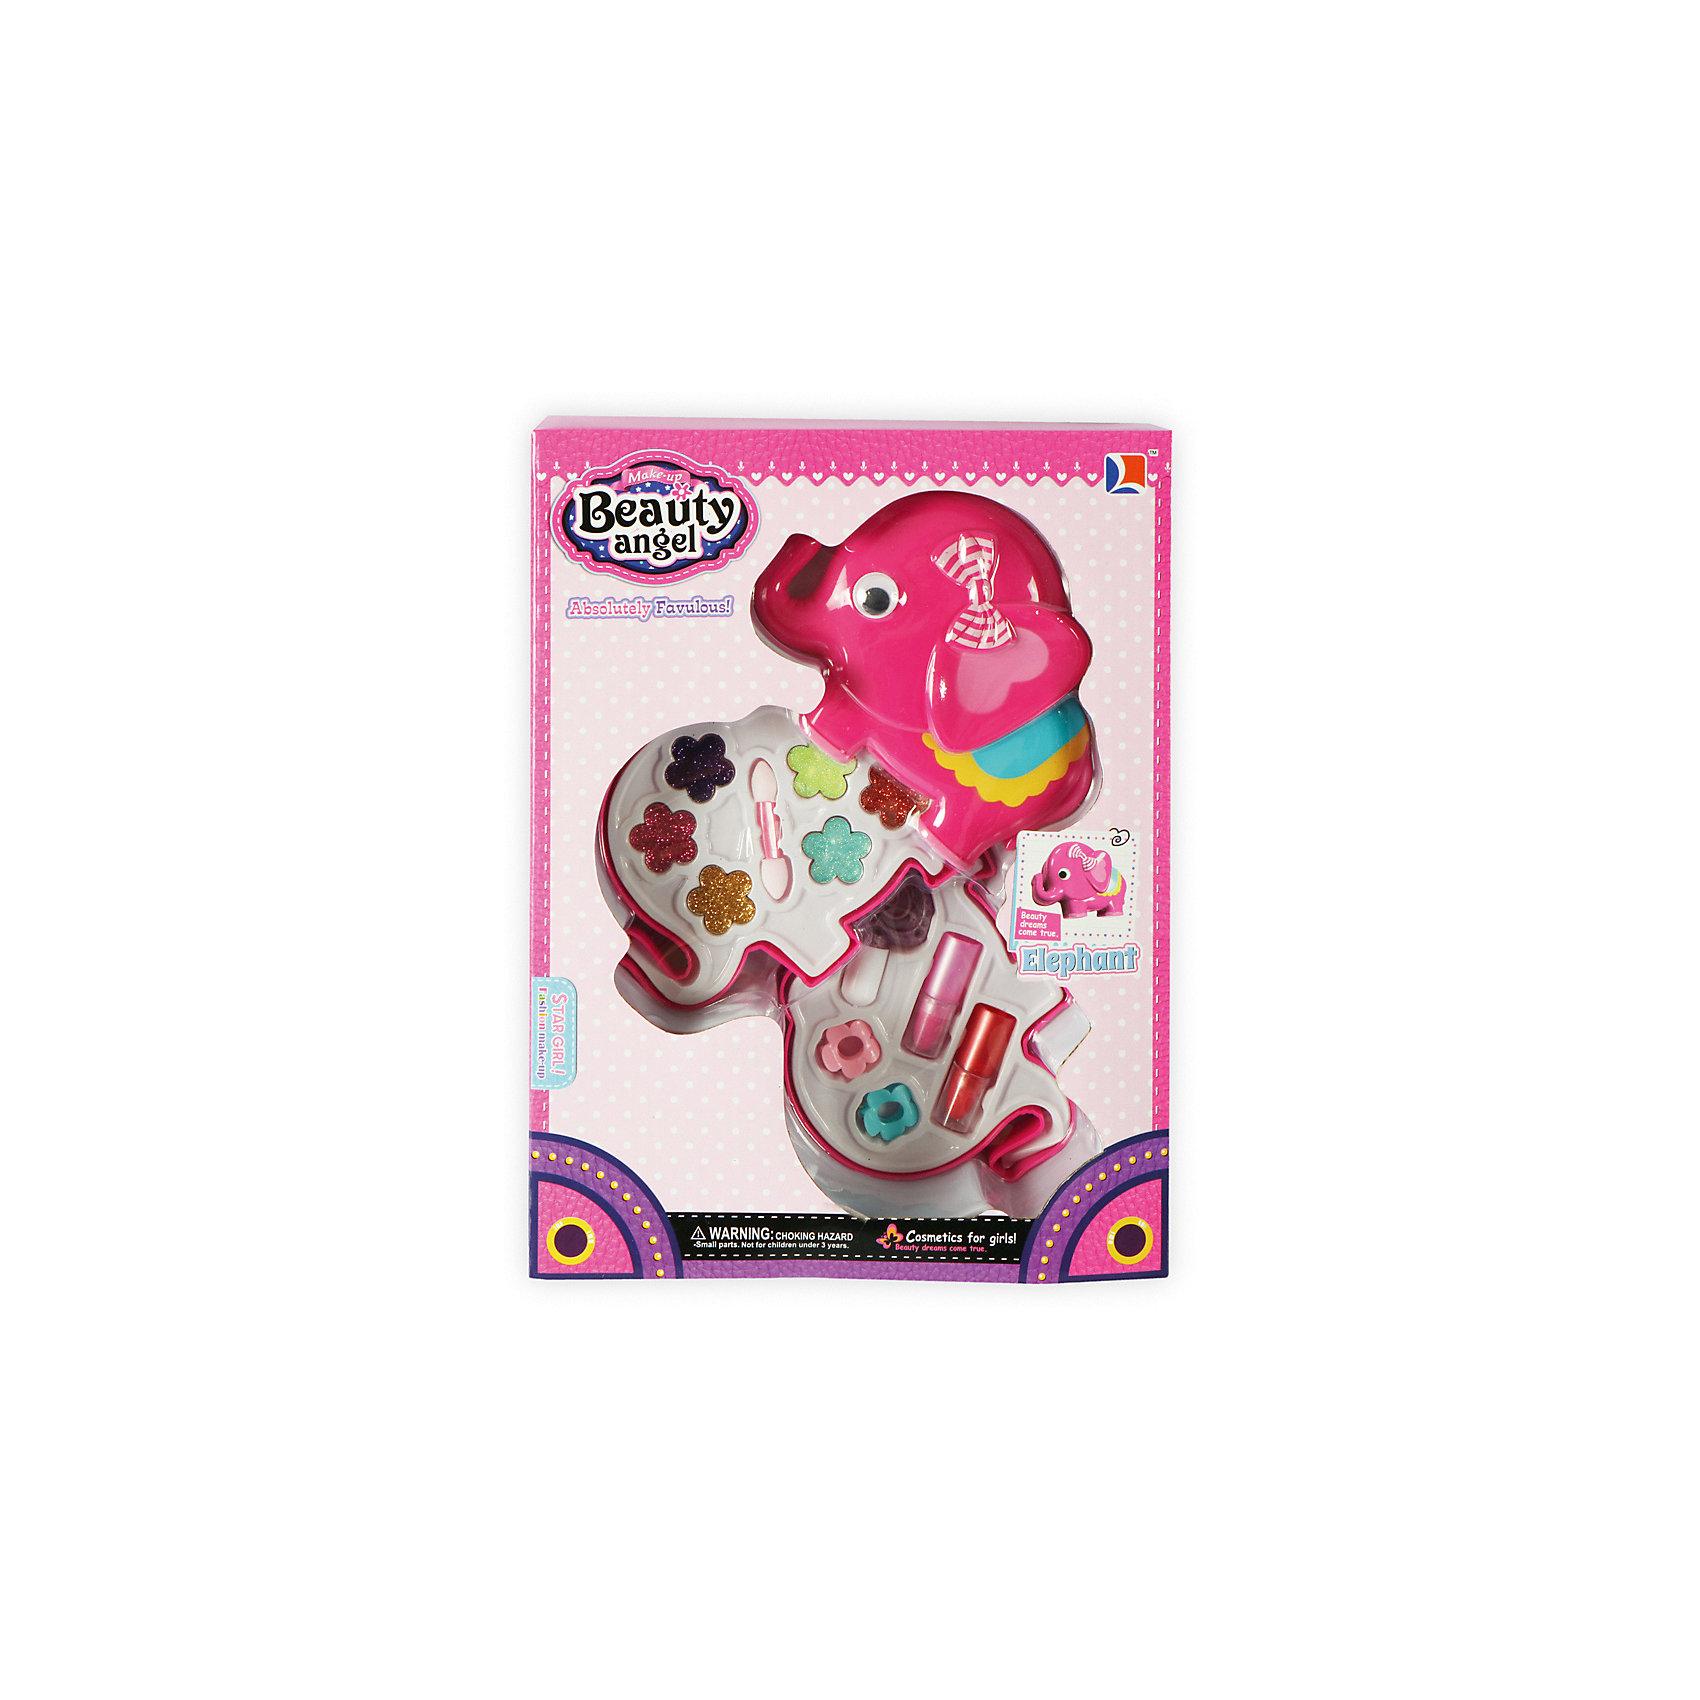 Игровой косметический набор Слоник, Beauty AngelКосметика, грим и парфюмерия<br>Характеристики:<br><br>• Вид игрушек: детская косметика<br>• Пол: для девочки<br>• Материал: пластик, натуральные компоненты и красители<br>• Цвет: оттенки розового, голубой, желтый, зеленый, оранжевый и др.<br>• Комплектация: <br> тени для век с блестками – 6 тонов<br> губная помада – 2 тона<br> лак для ногтей – 1 тон<br> кисточка – 1 шт.<br>• Форма футляра: слоник<br>• Размер упаковки (Д*Ш*В): 37*4,8*35 см<br>• Вес: 362 г<br>• Упаковка: картонная коробка с блистером<br><br>Игровой косметический набор Слоник, Beauty Angel от всемирно известного торгового бренда Dileny, который занимается разработкой, дизайном и выпуском детской декоративной косметики с учетом модных и стильных тенденций мира моды. Линейка наборов Beauty Angel представляет собой косметические наборы в состав которых входят как матовые, так и перламутровые оттенки, аксессуары и инструменты для нанесения макияжа. <br><br>Декоративная косметика от Dileny легко наносится, ложится ровным слоем, не осыпается и легко смывается либо теплой водой, либо детским косметическим маслом. Косметика обладает повышенными гипоаллергенными свойствами и легким ароматом. Игровой косметический набор Слоник, Beauty Angel состоит из 6 оттенков теней для век с блестками, 2 оттенков губной помады, лака для ногтей и кисточки. Футляр с двумя отделениями выполнен в форме слоника.<br><br>Игровой косметический набор Слоник, Beauty Angel станет идеальным подарком для девочки к любому празднику.<br><br>Игровой косметический набор Слоник, Beauty Angel можно купить в нашем интернет-магазине.<br><br>Ширина мм: 278<br>Глубина мм: 55<br>Высота мм: 200<br>Вес г: 219<br>Возраст от месяцев: 60<br>Возраст до месяцев: 120<br>Пол: Женский<br>Возраст: Детский<br>SKU: 5418958